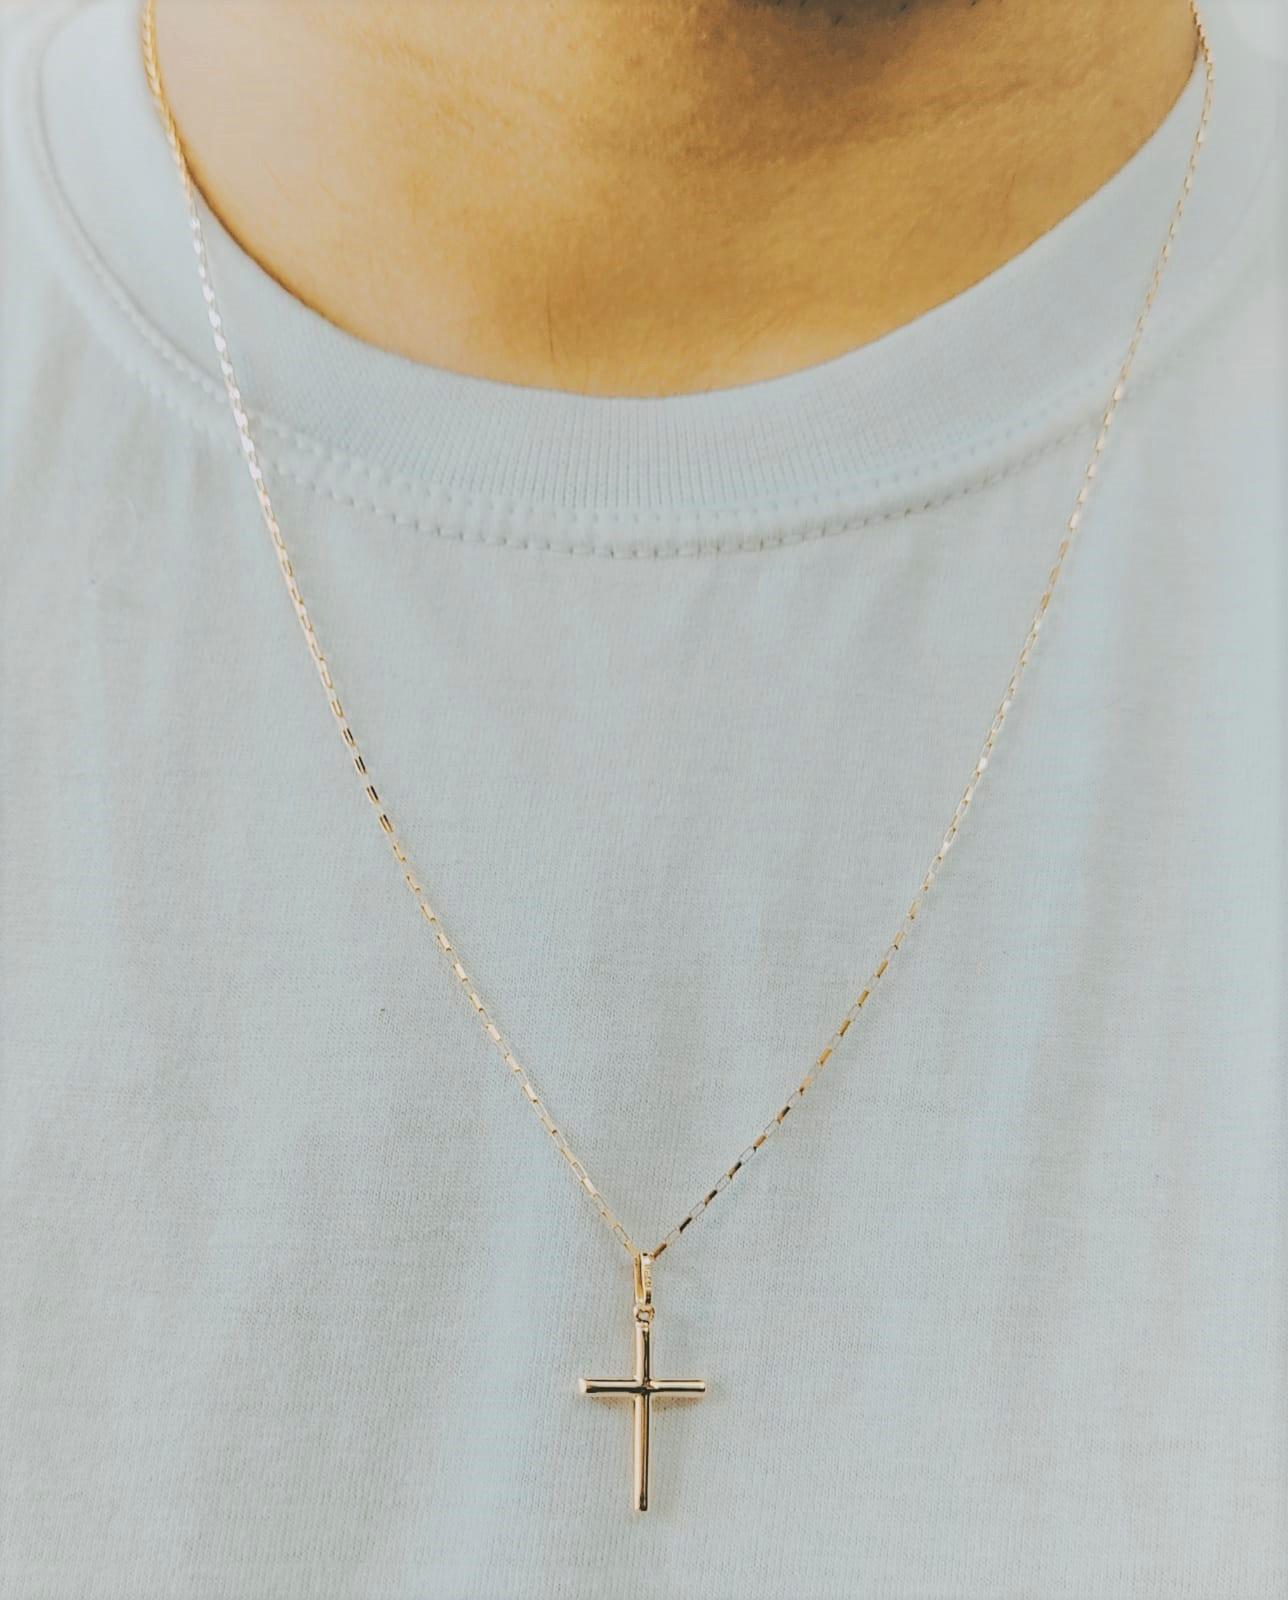 Cordão Corrente Masculina Ouro 1.8g Pingente Cruz Crucifixo 0.60g Ouro 18k 750